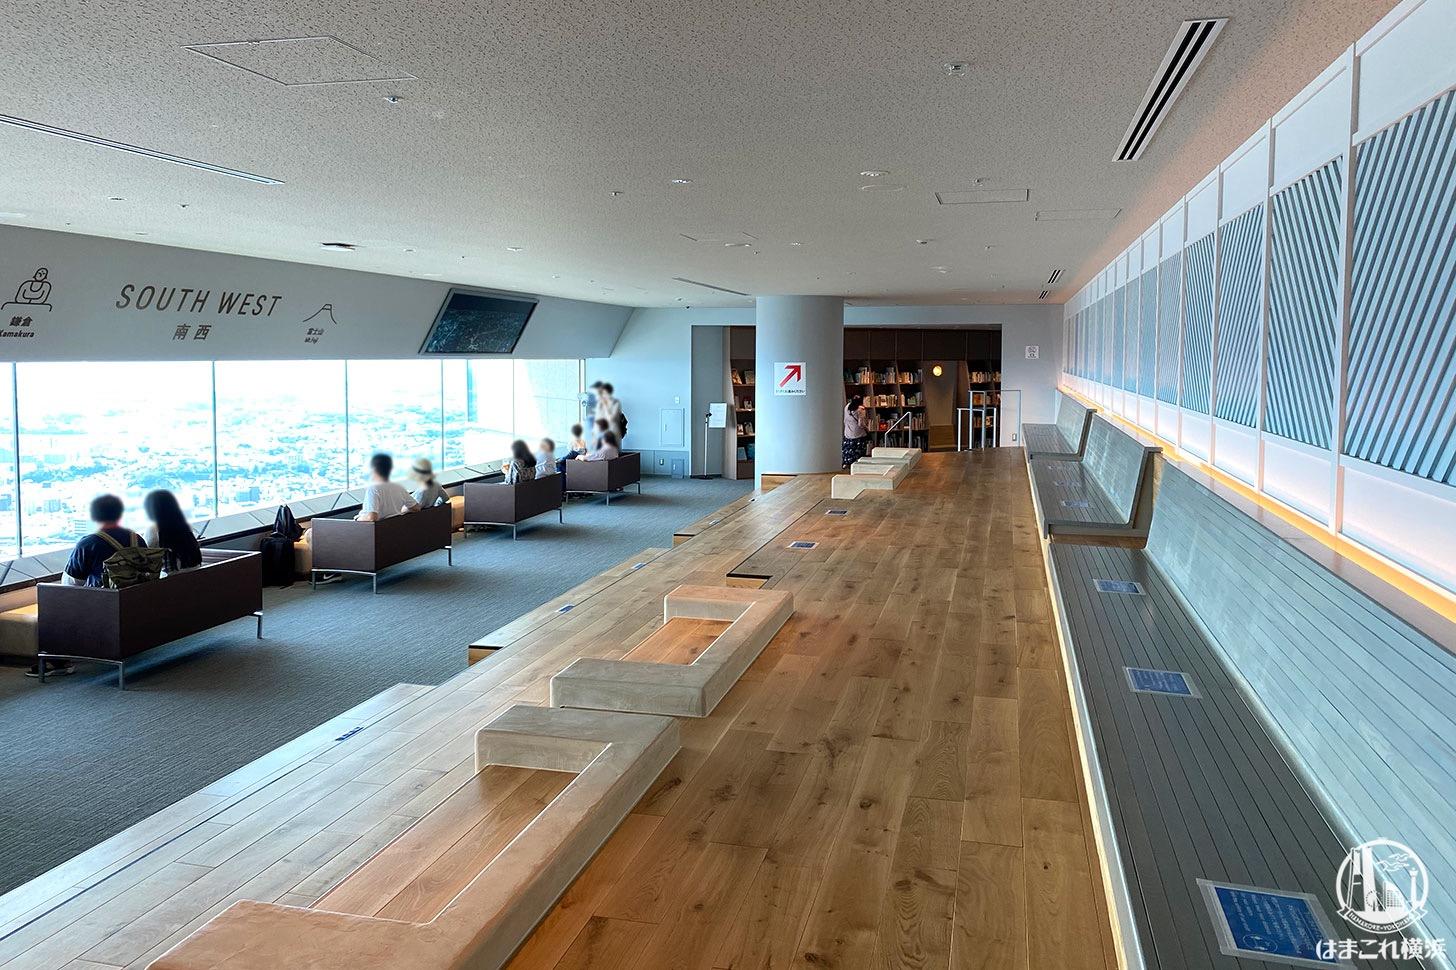 横浜ランドマークタワー展望フロア「スカイガーデン」リニューアル!スカイカフェや空の図書室満喫